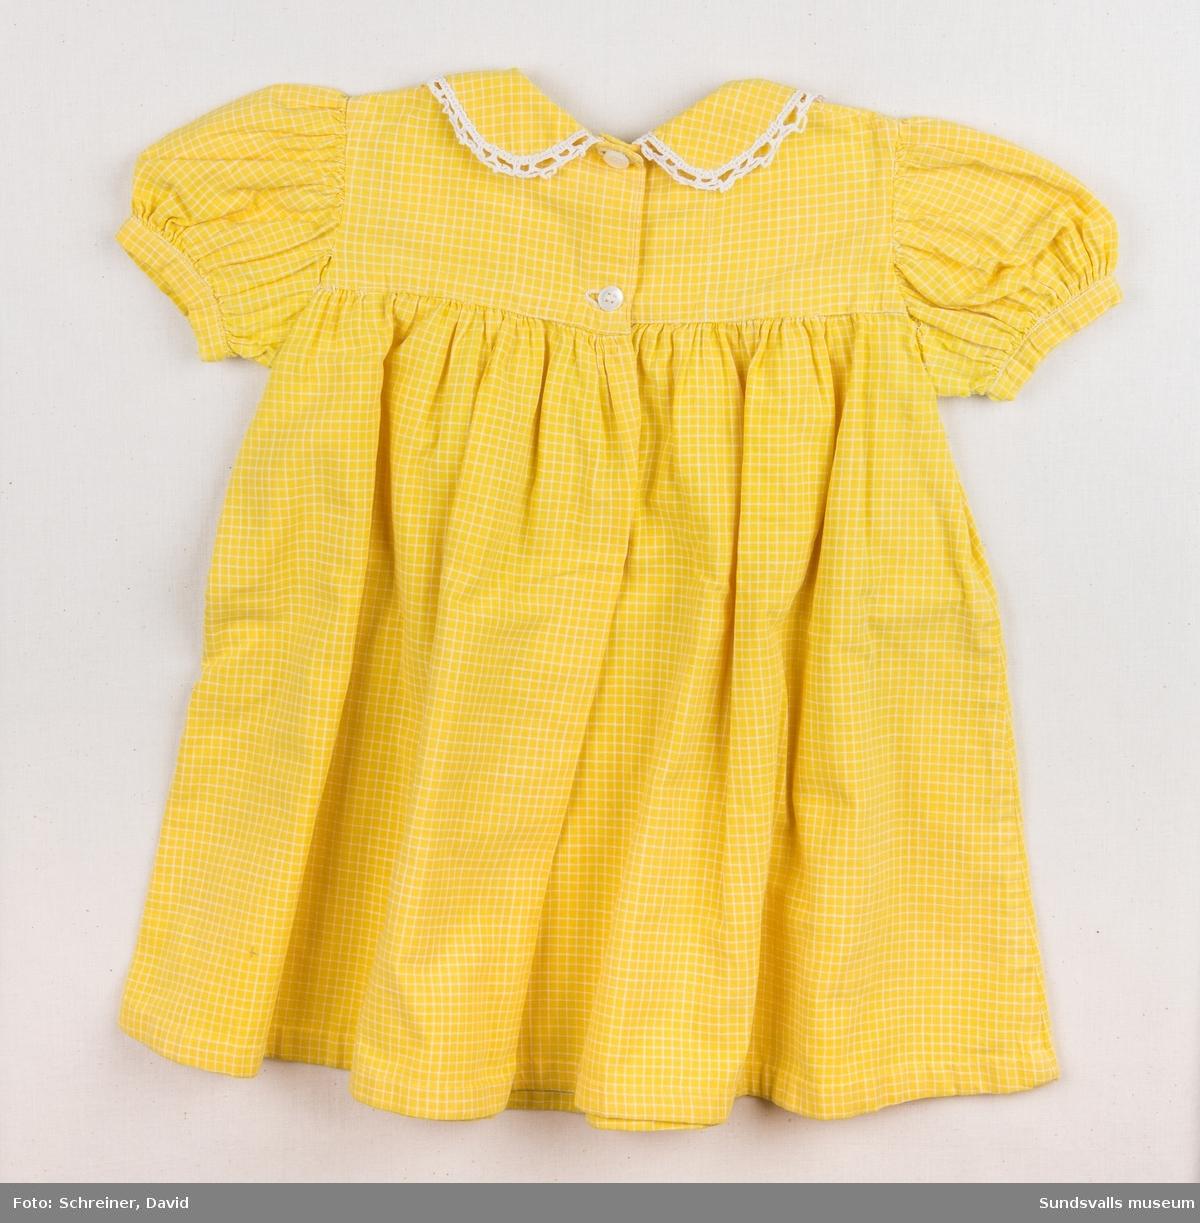 En gul och vit rutig flickklänning med högt skuren midja, puffärmar och en rundkrage med virkad spetskant. Klänningen knäpps med två stycken vita plastknappar i ryggen. Storlek ca 2 år.